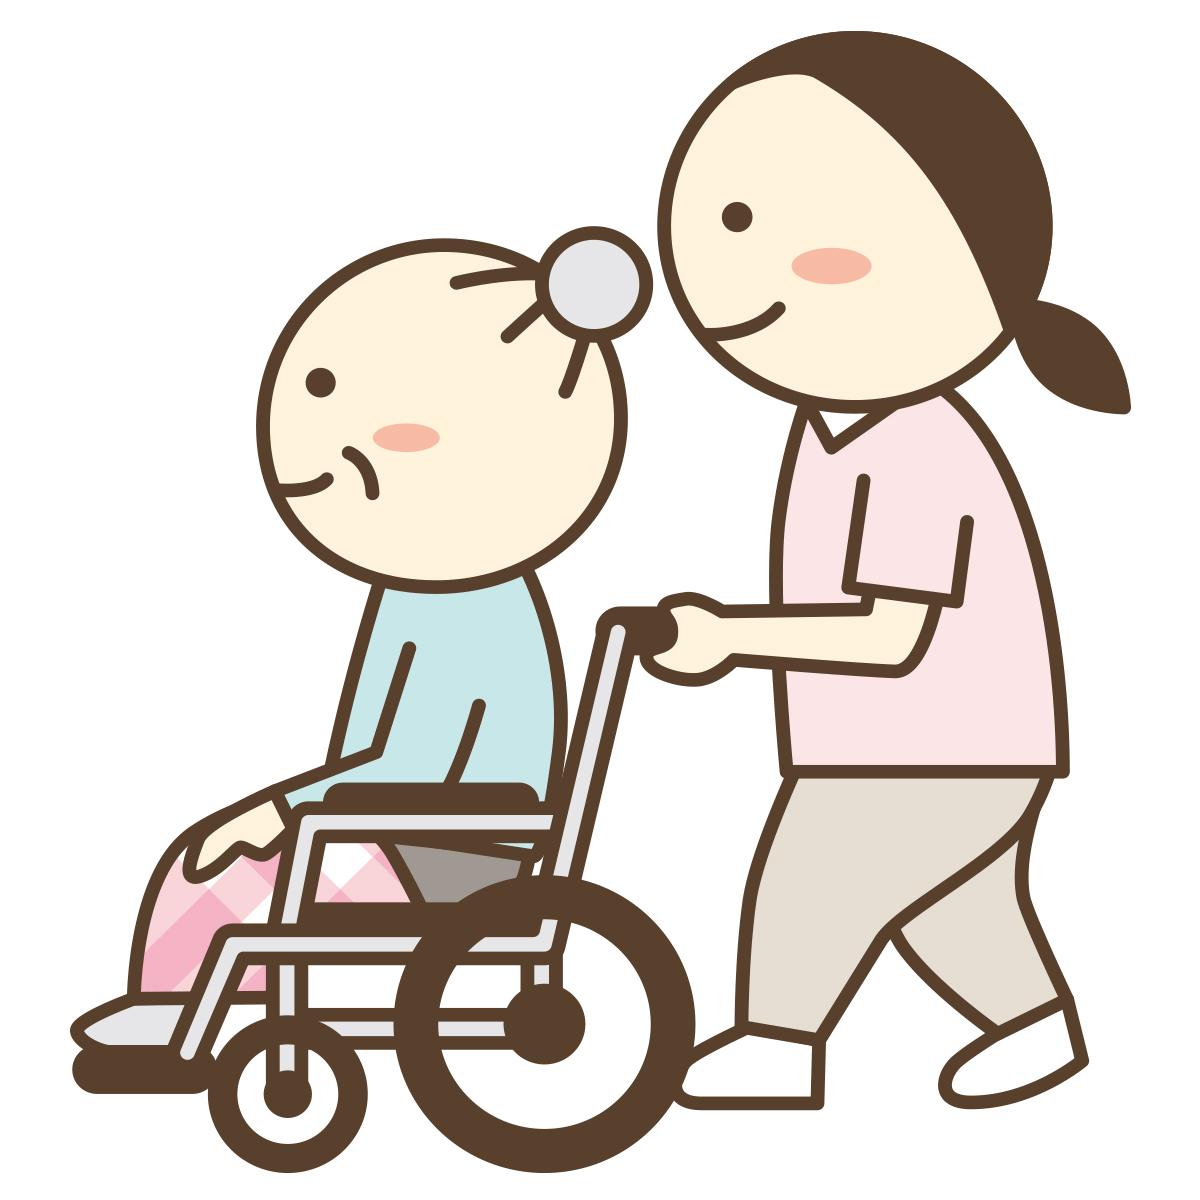 老人施設の看護師不足について【給料の格差問題】